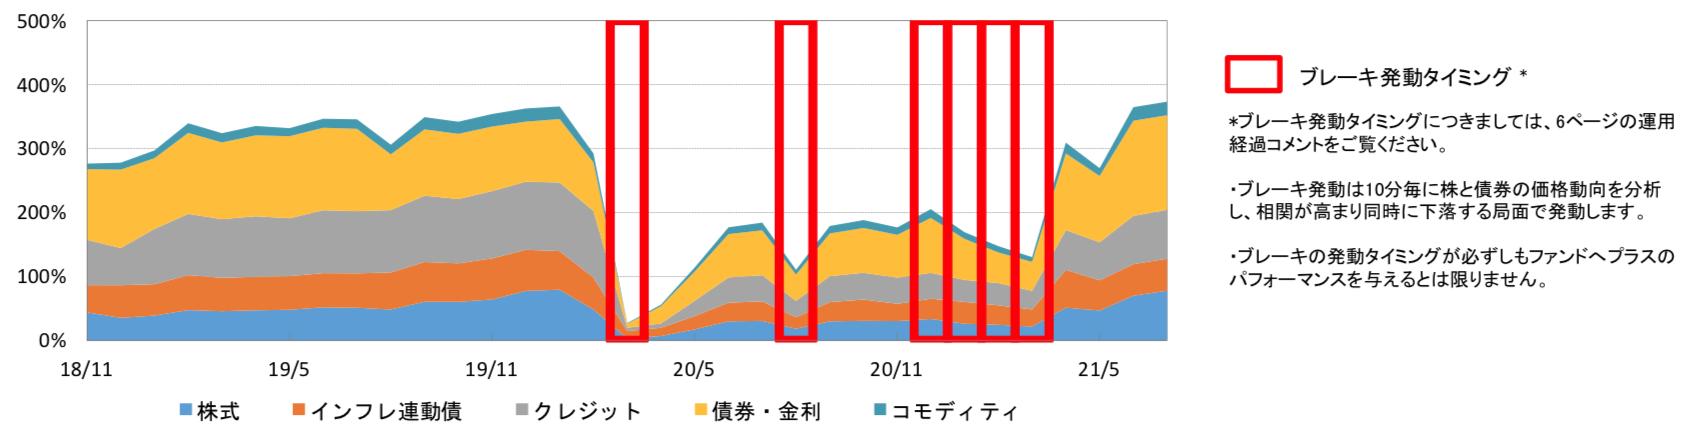 ダブルブレインのリスクコントロール戦略のセクター配分の推移